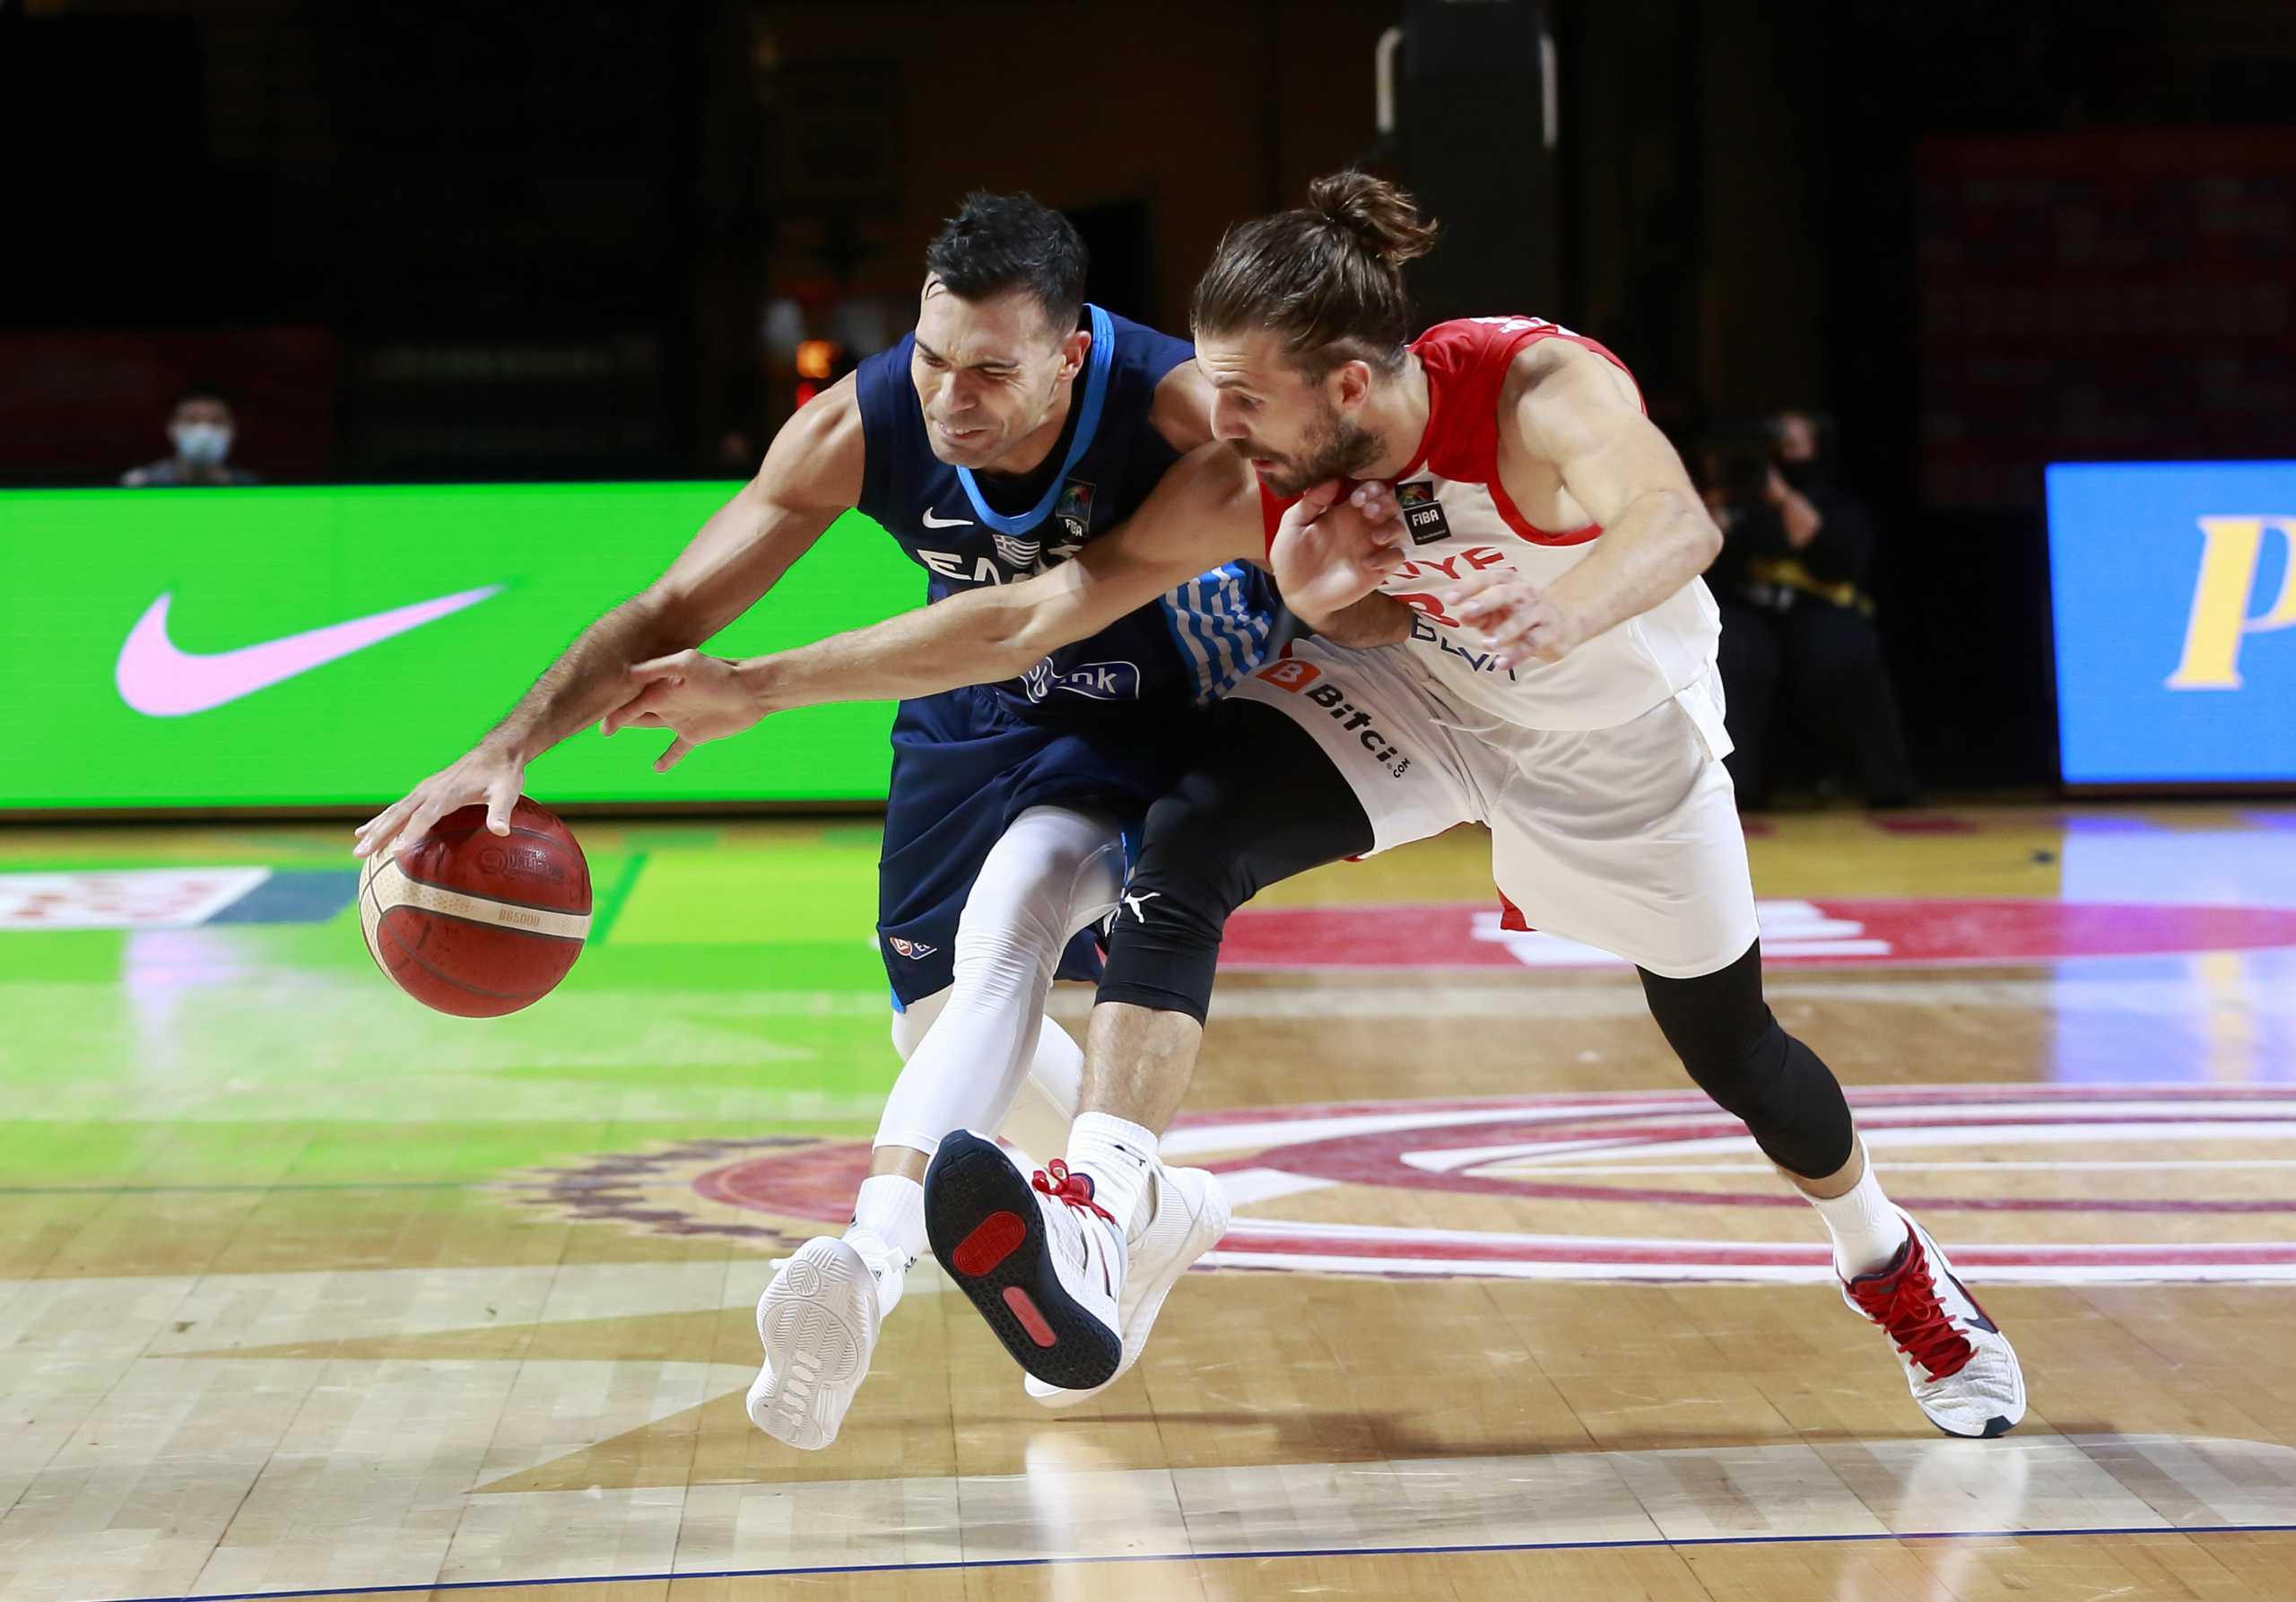 Προολυμπιακό – Εθνική Ελλάδας: Το κανάλι που θα δείξει τον τελικό με την Τσεχία